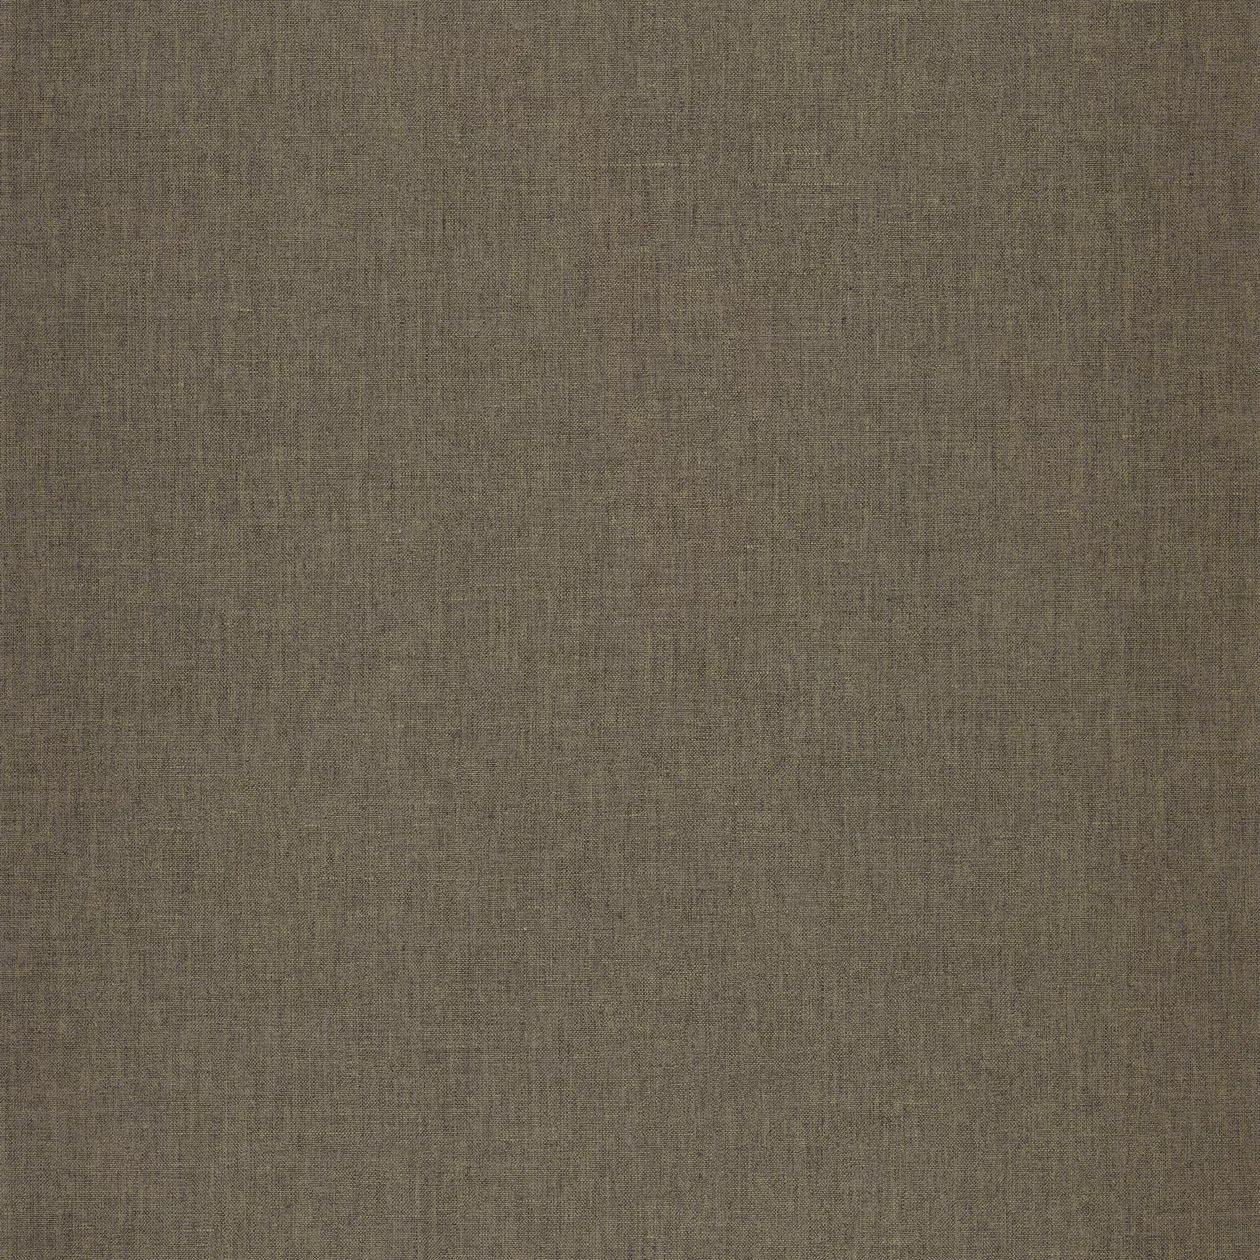 Barna textil szőtt hatású vlies tapéta